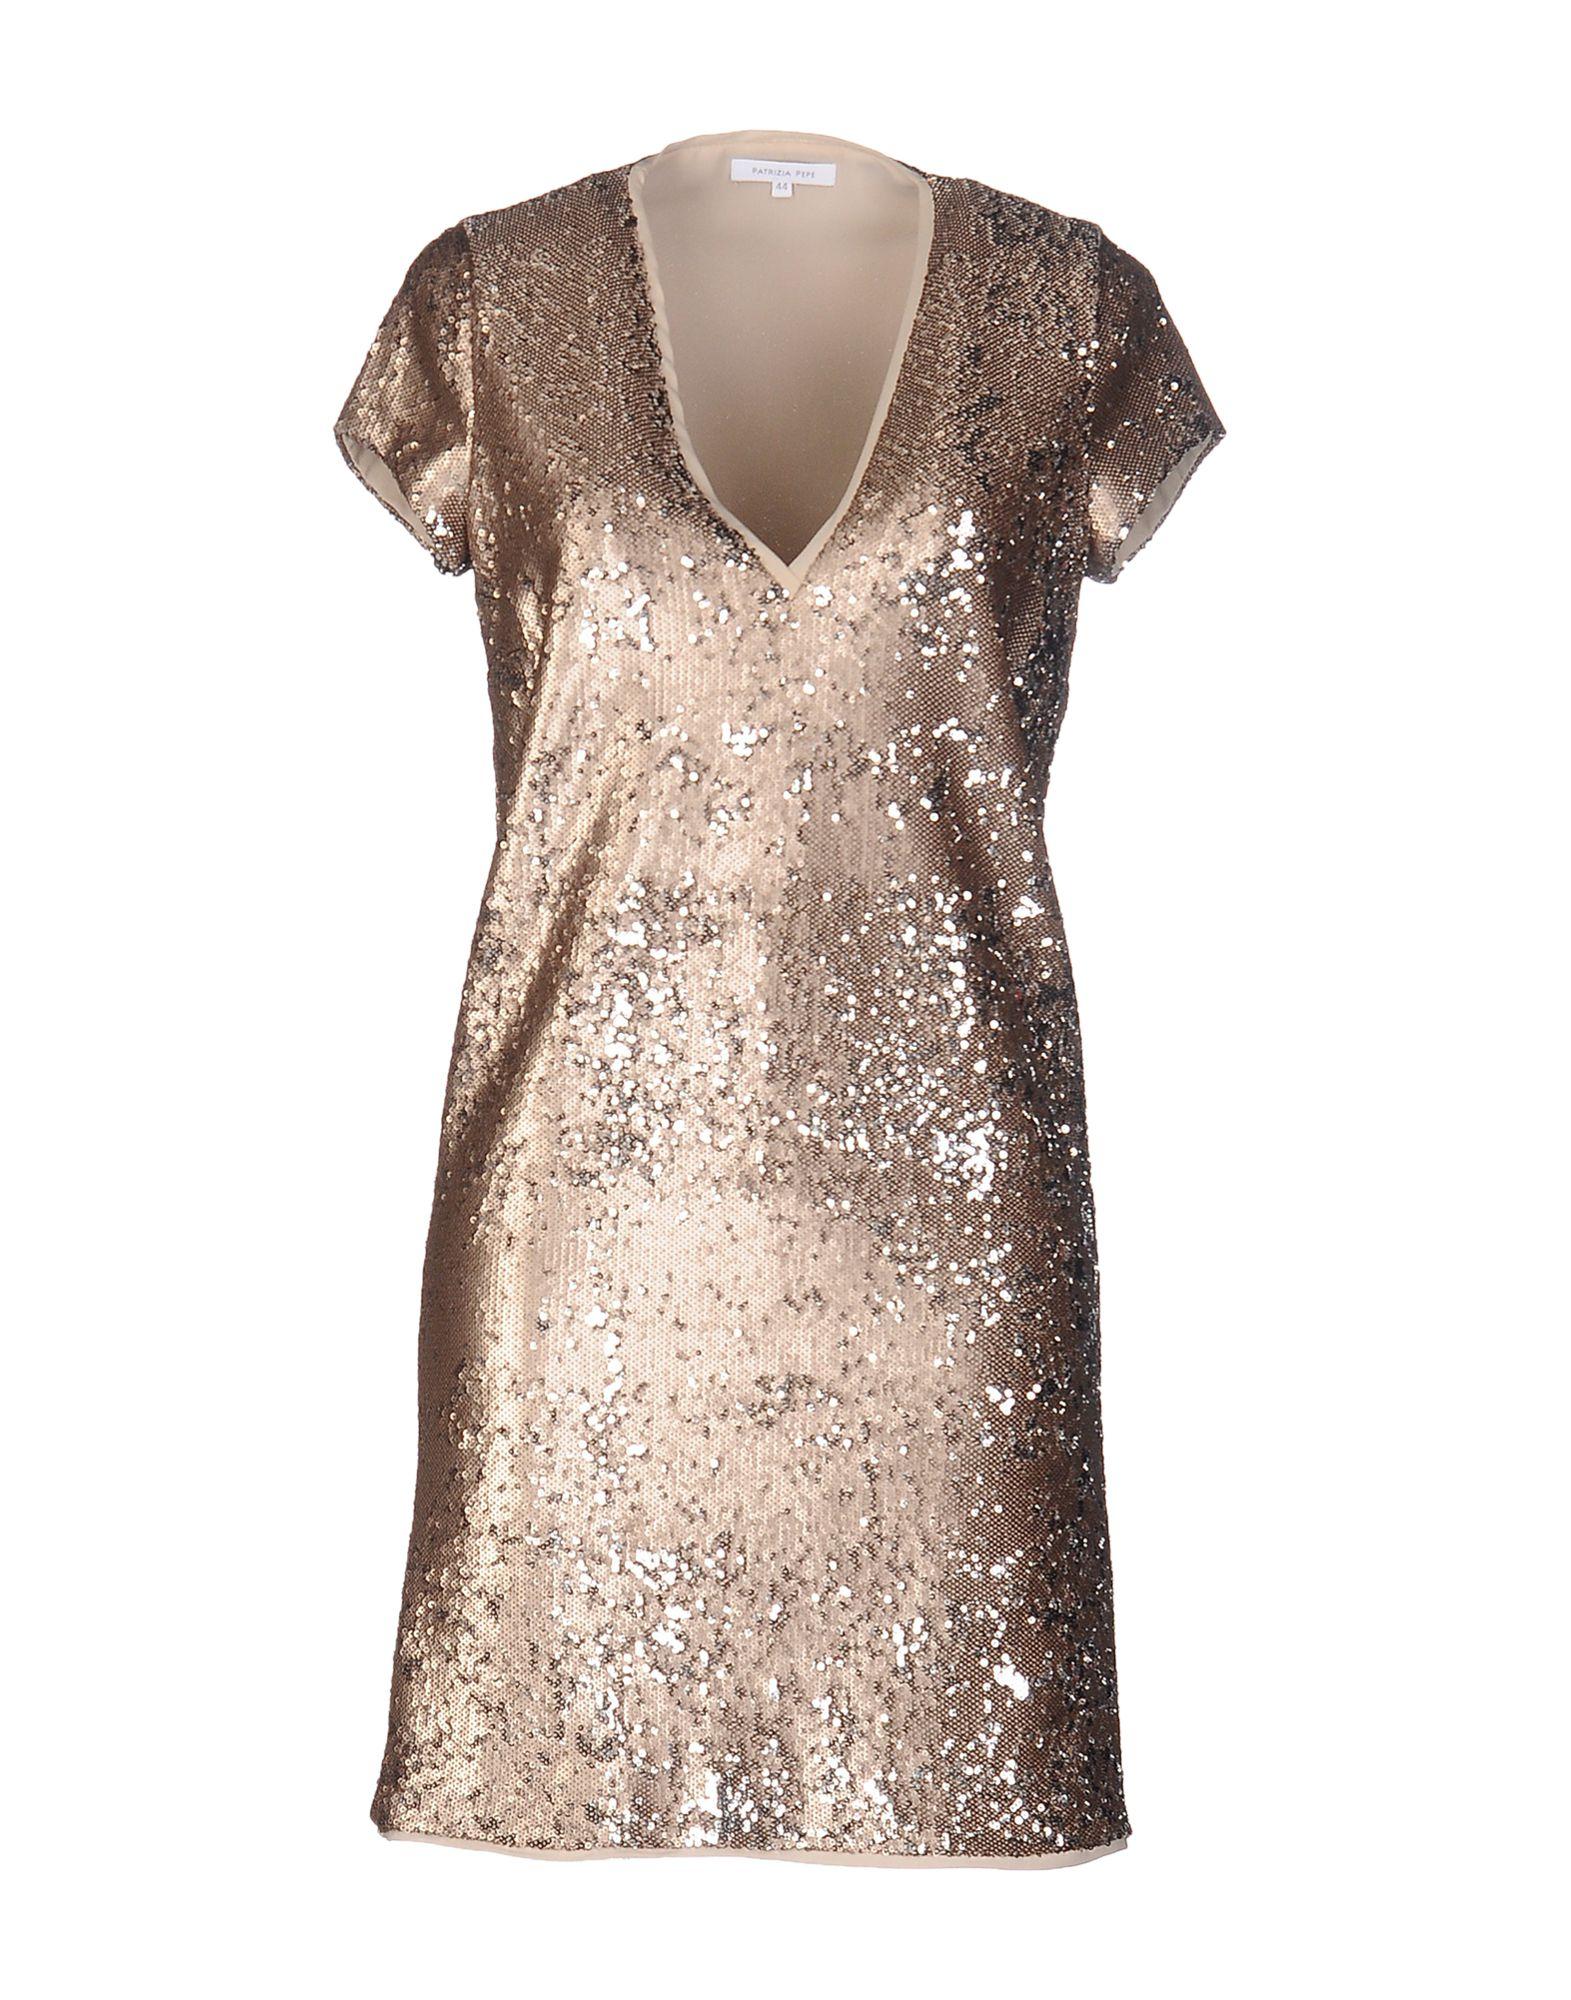 PATRIZIA PEPE Damen Kurzes Kleid Farbe Gold Größe 5